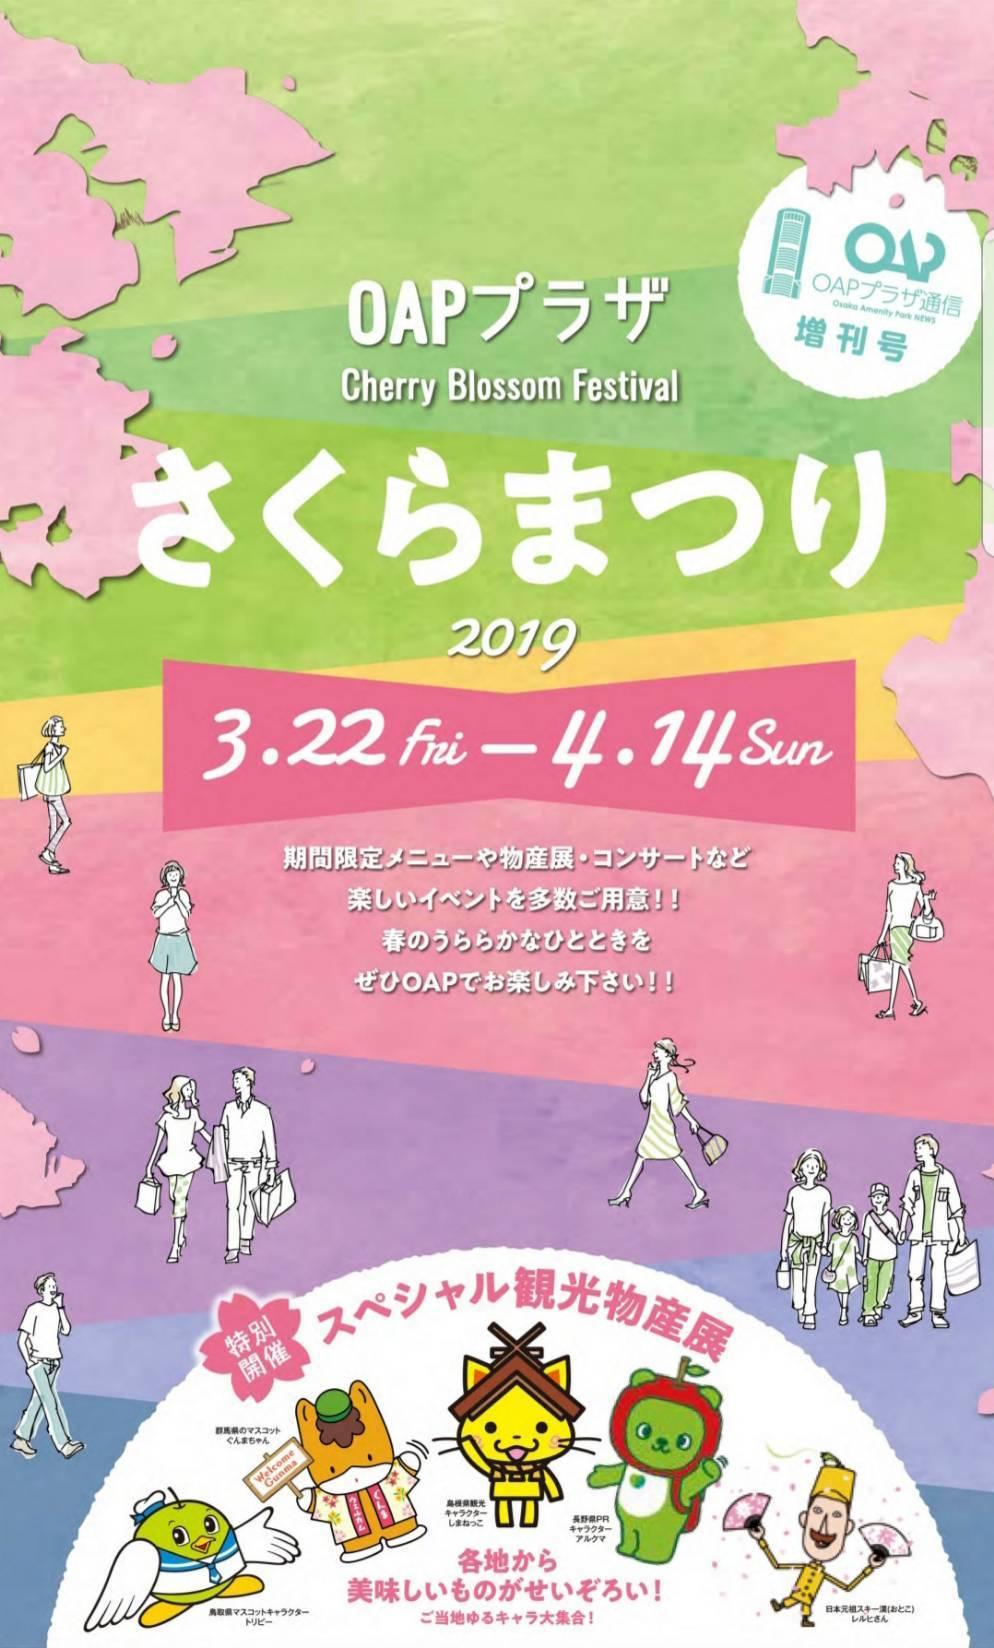 4月8日土曜日OPA桜祭りにて、石見神楽大阪社中の公演あります!_c0180209_22515456.jpeg